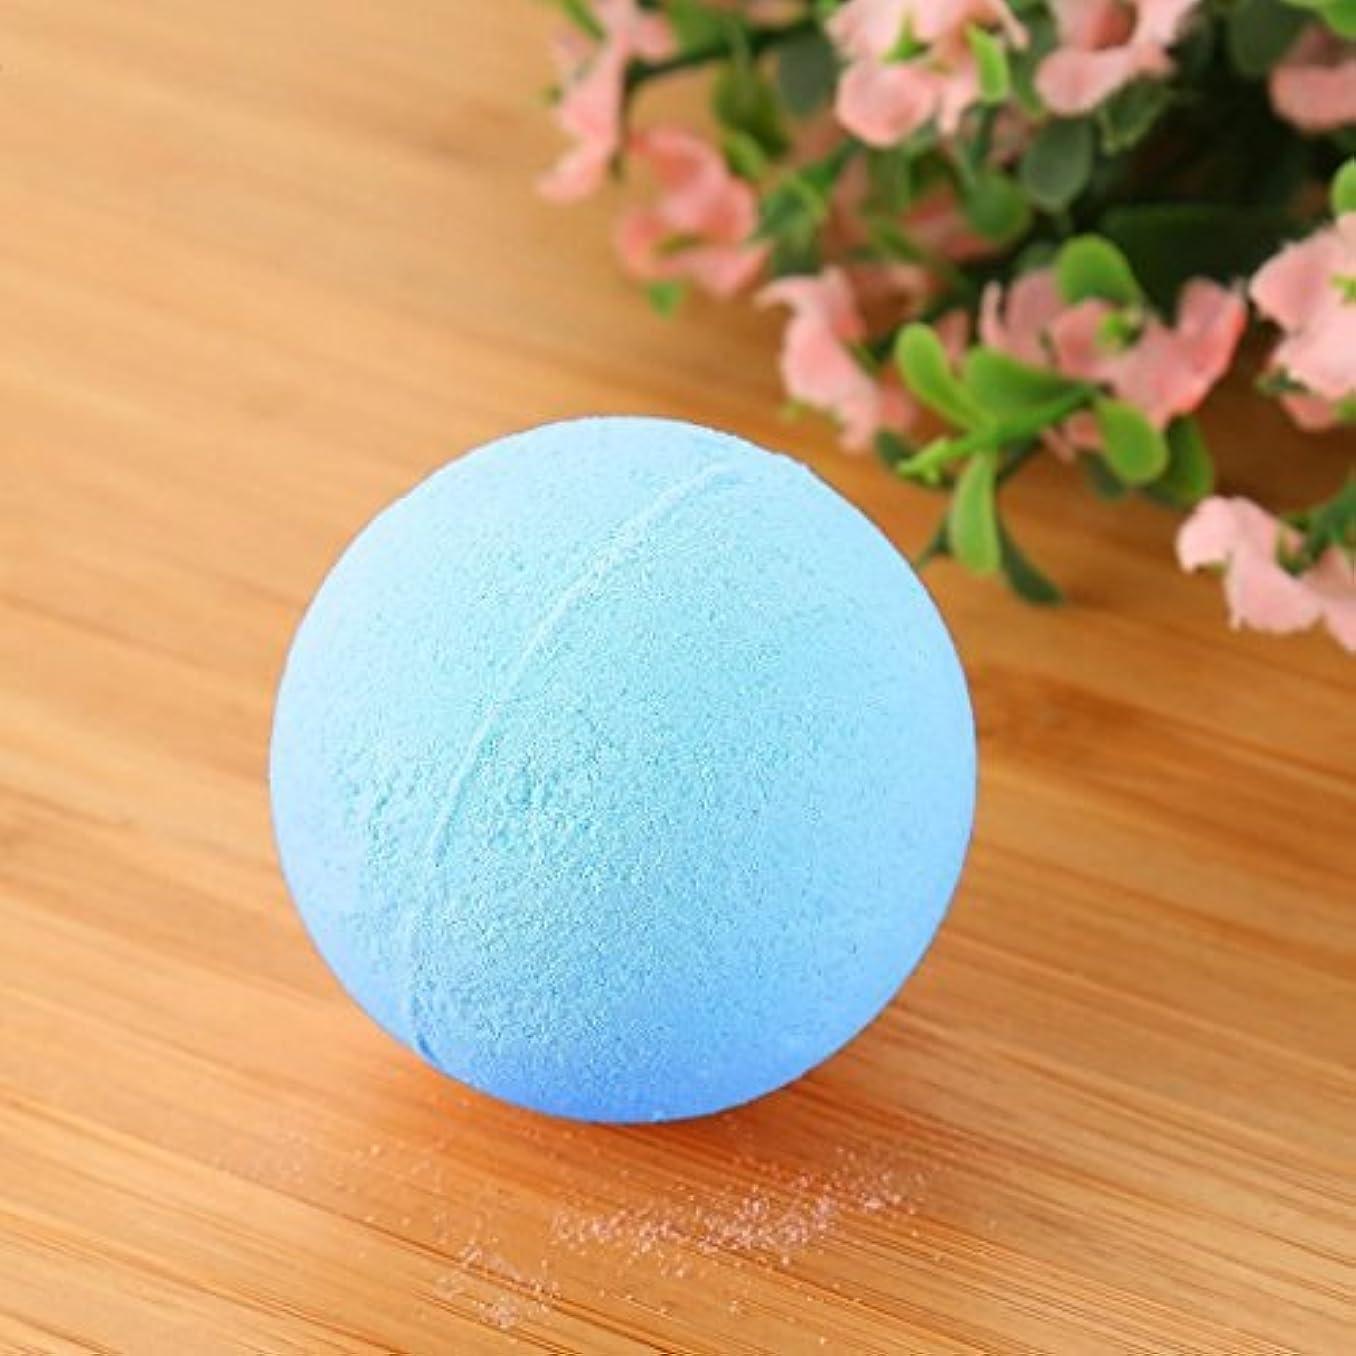 労働者プロフェッショナル公平なバブルボール塩塩浴リラックス女性のための贈り物